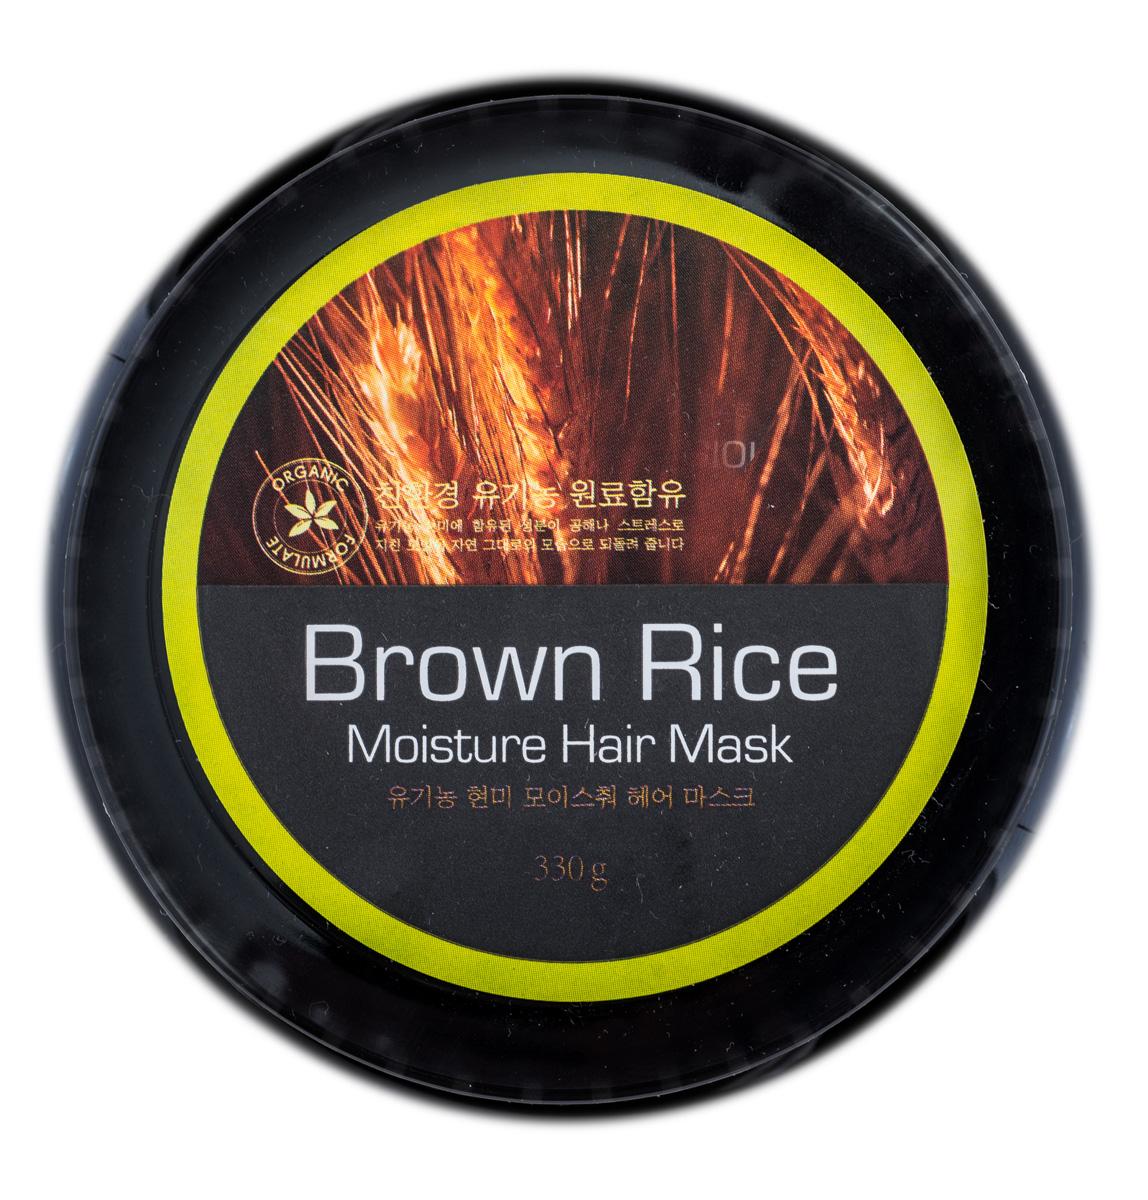 Brown Rice Маска увлажняющая Hyssop Moisture Hair Mask, 330 мл8809038599928Экстракты натурального шелка и органические ингредиенты защищают волосы от вредного воздействия окружающей среды, делая их мягкими и сияющими. Экстракт темного риса омолаживает волосы, улучщает метаболизм и циркуляцию крови, предотвращает выпадение волос. Увеличивает рост волос, обладает увлажняющим эффектом. Способствует сохранению цвета окрашенных волос.На основе вытяжкикоричневого рисаи органическогоэкстракта синего зверобоя (hyssop organic extract).Интенсивно питает, увлажняет и защищает волосы от пересыхания и ежедневных стрессов. Восстанавливает структуру волос.